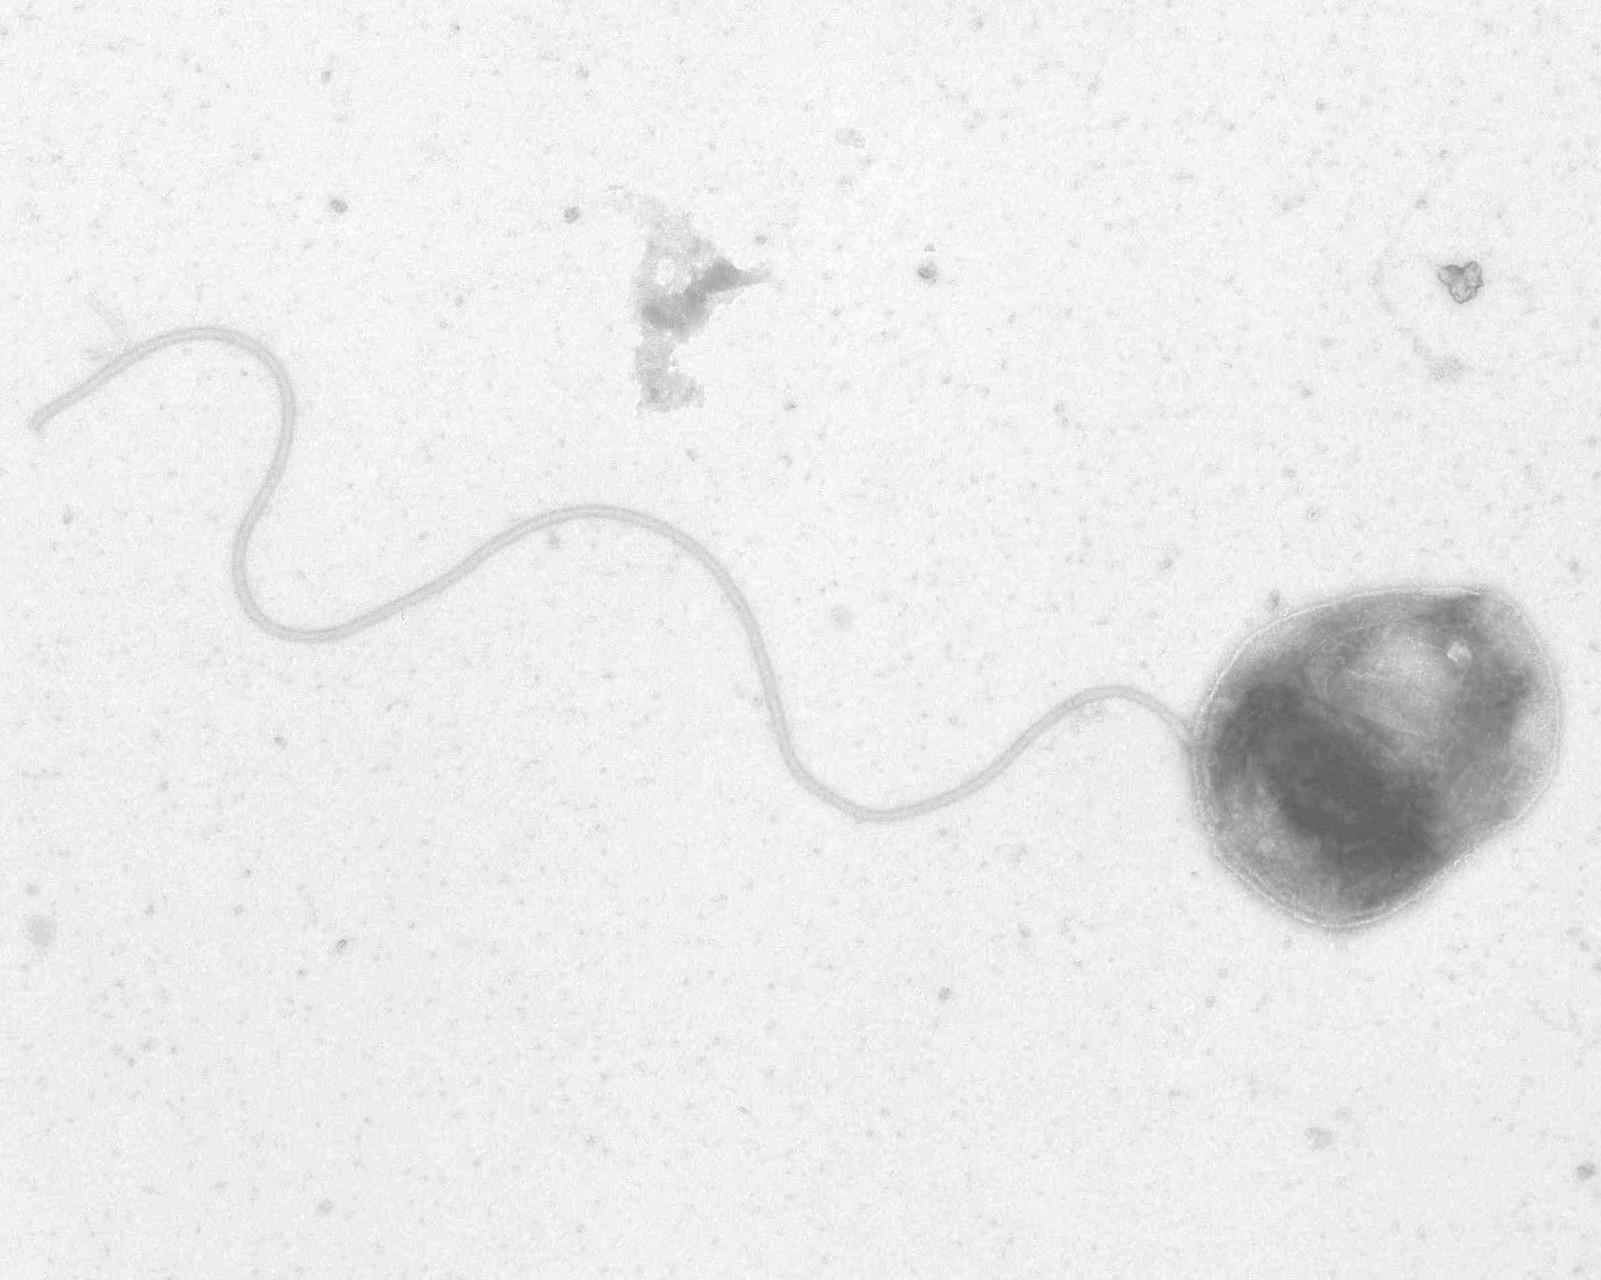 石油を作る細菌の外見(鞭毛があるので泳ぐようですね)